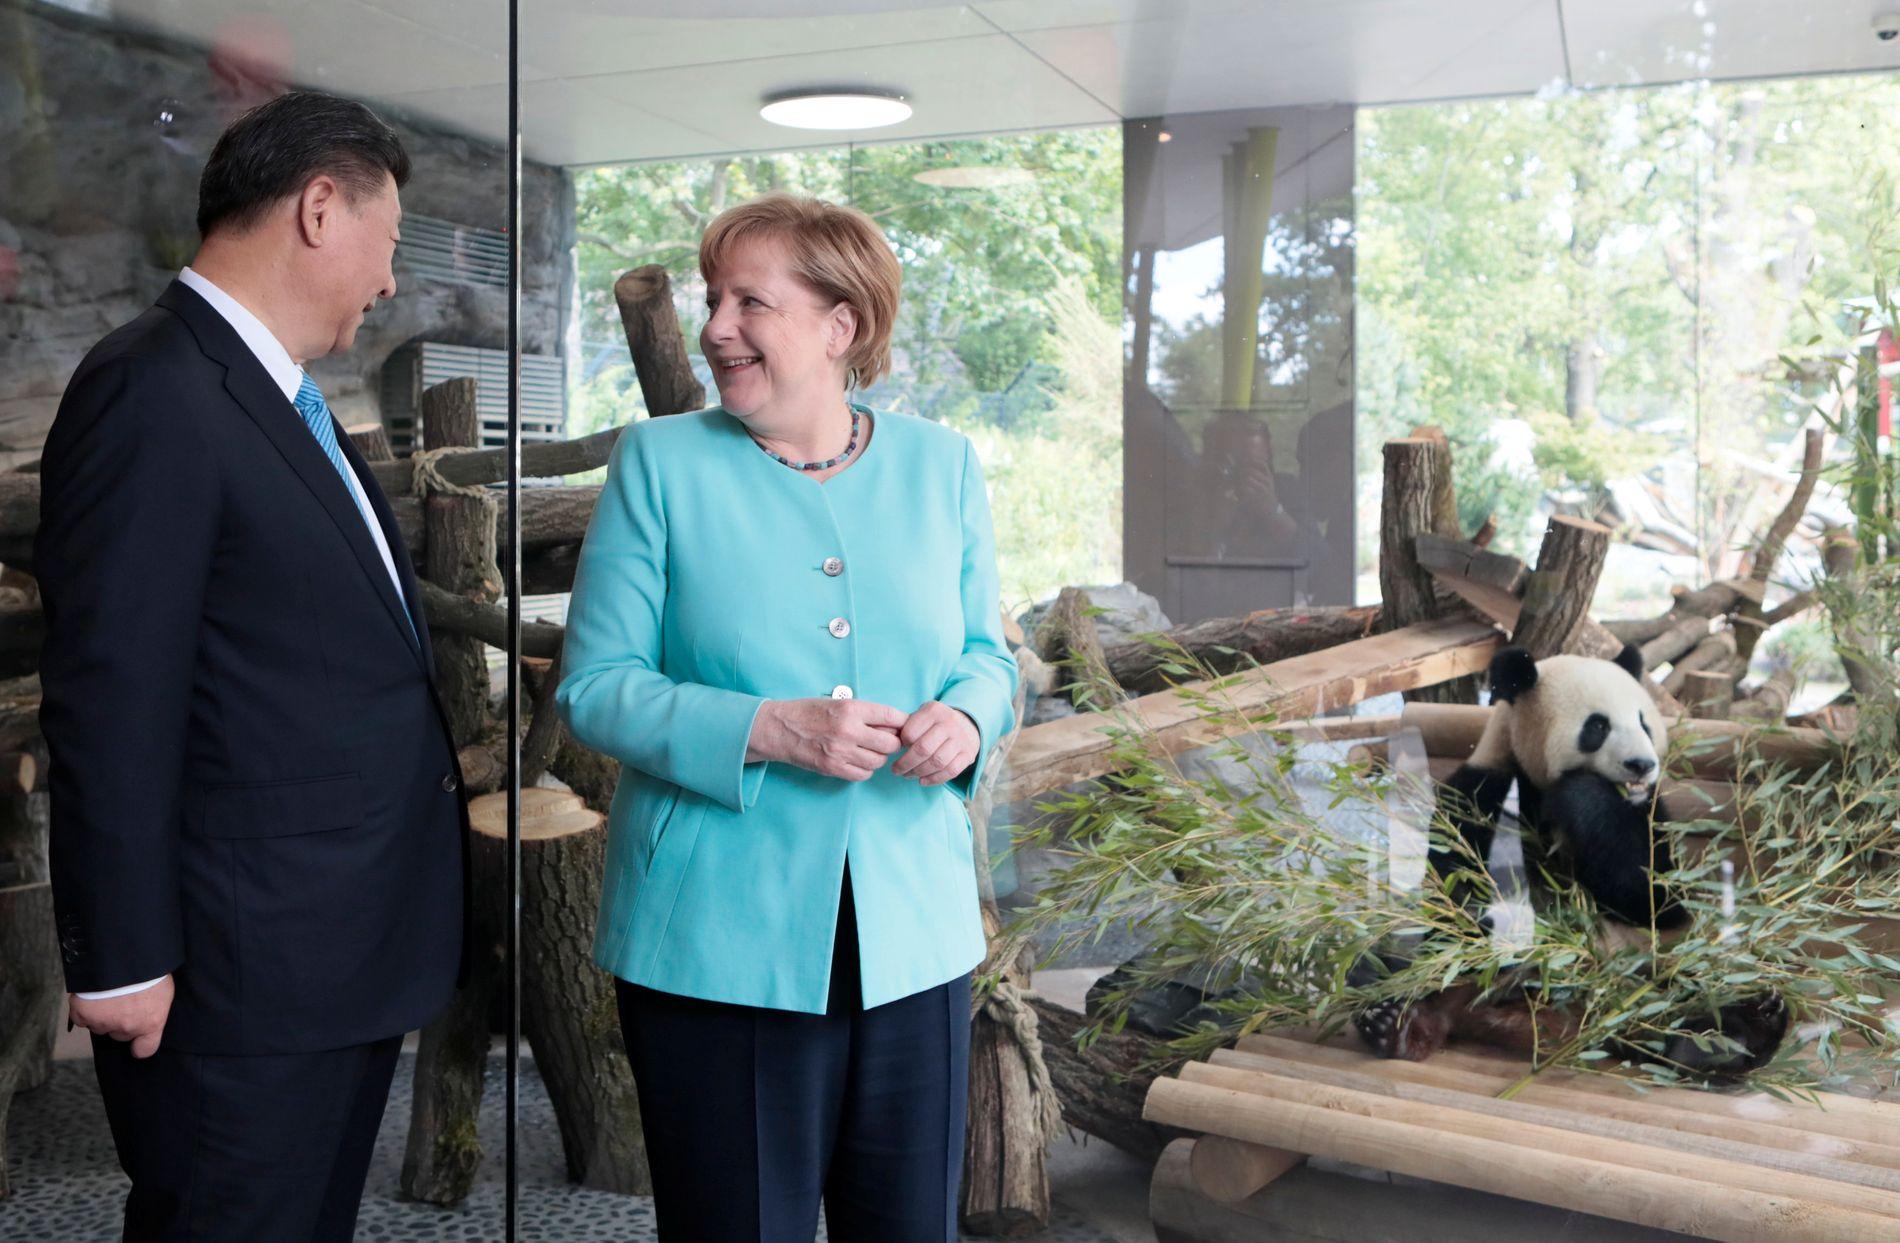 KINESER PÅ TYSK JORD: Jiao Qing («skatt») og hans makker Meng Meng ble i dag presentert for Berlins beboere, ledsaget av Angela Merkel og Kinas president Xi Jinping FOTO: AFP